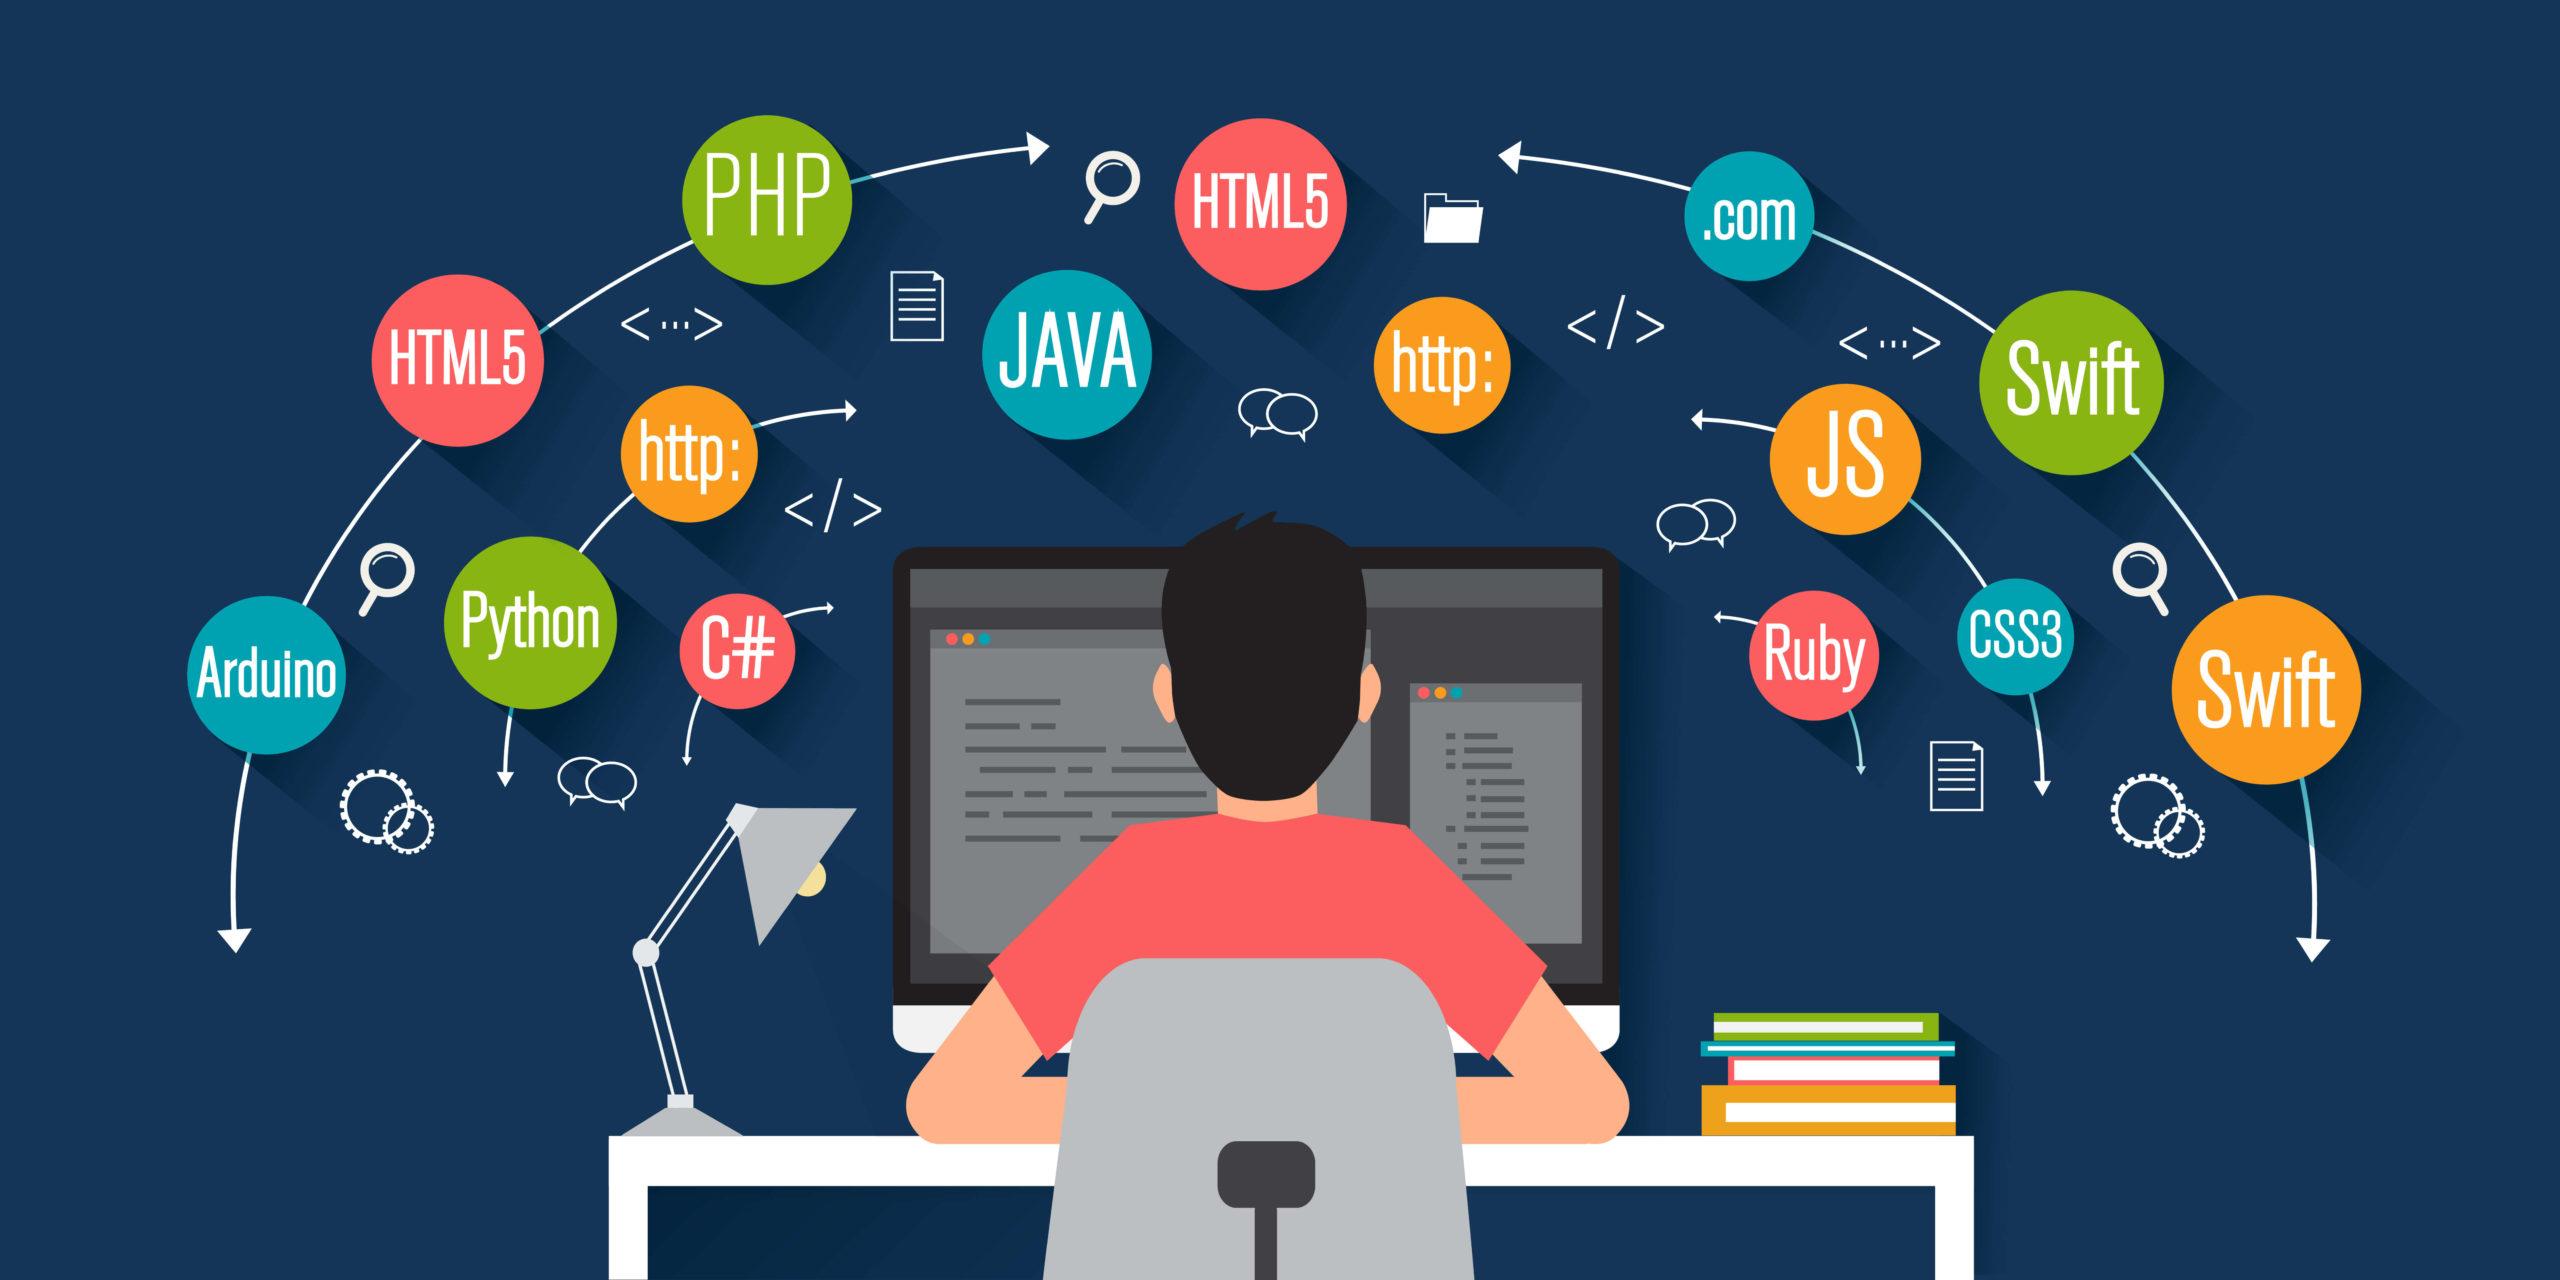 プログラミング 独学 おすすめ